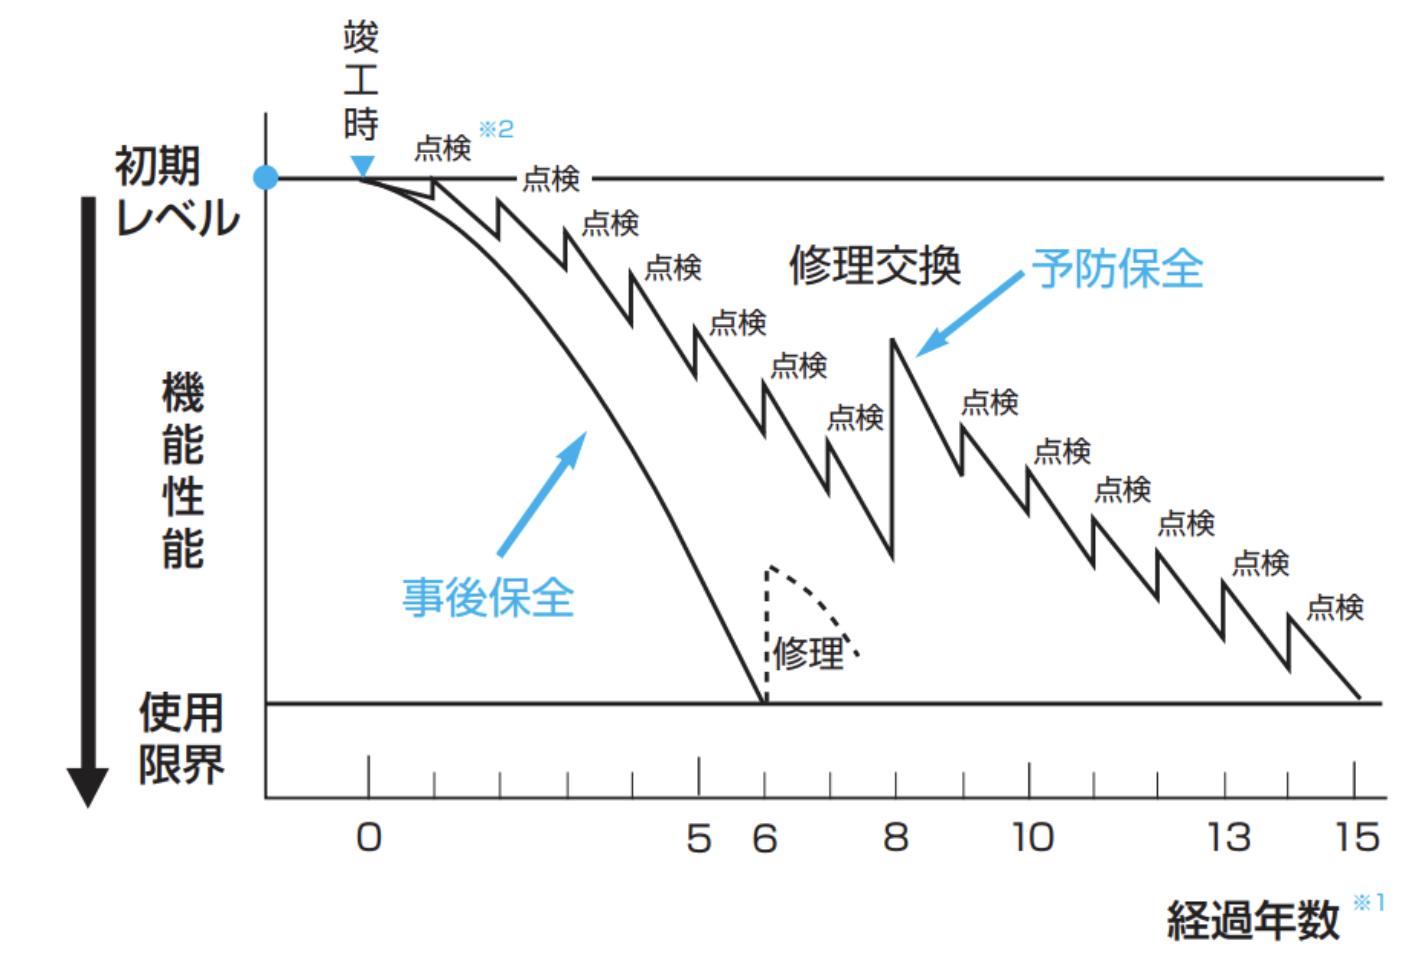 日本冷凍空調工業会 寿命延長の考え方